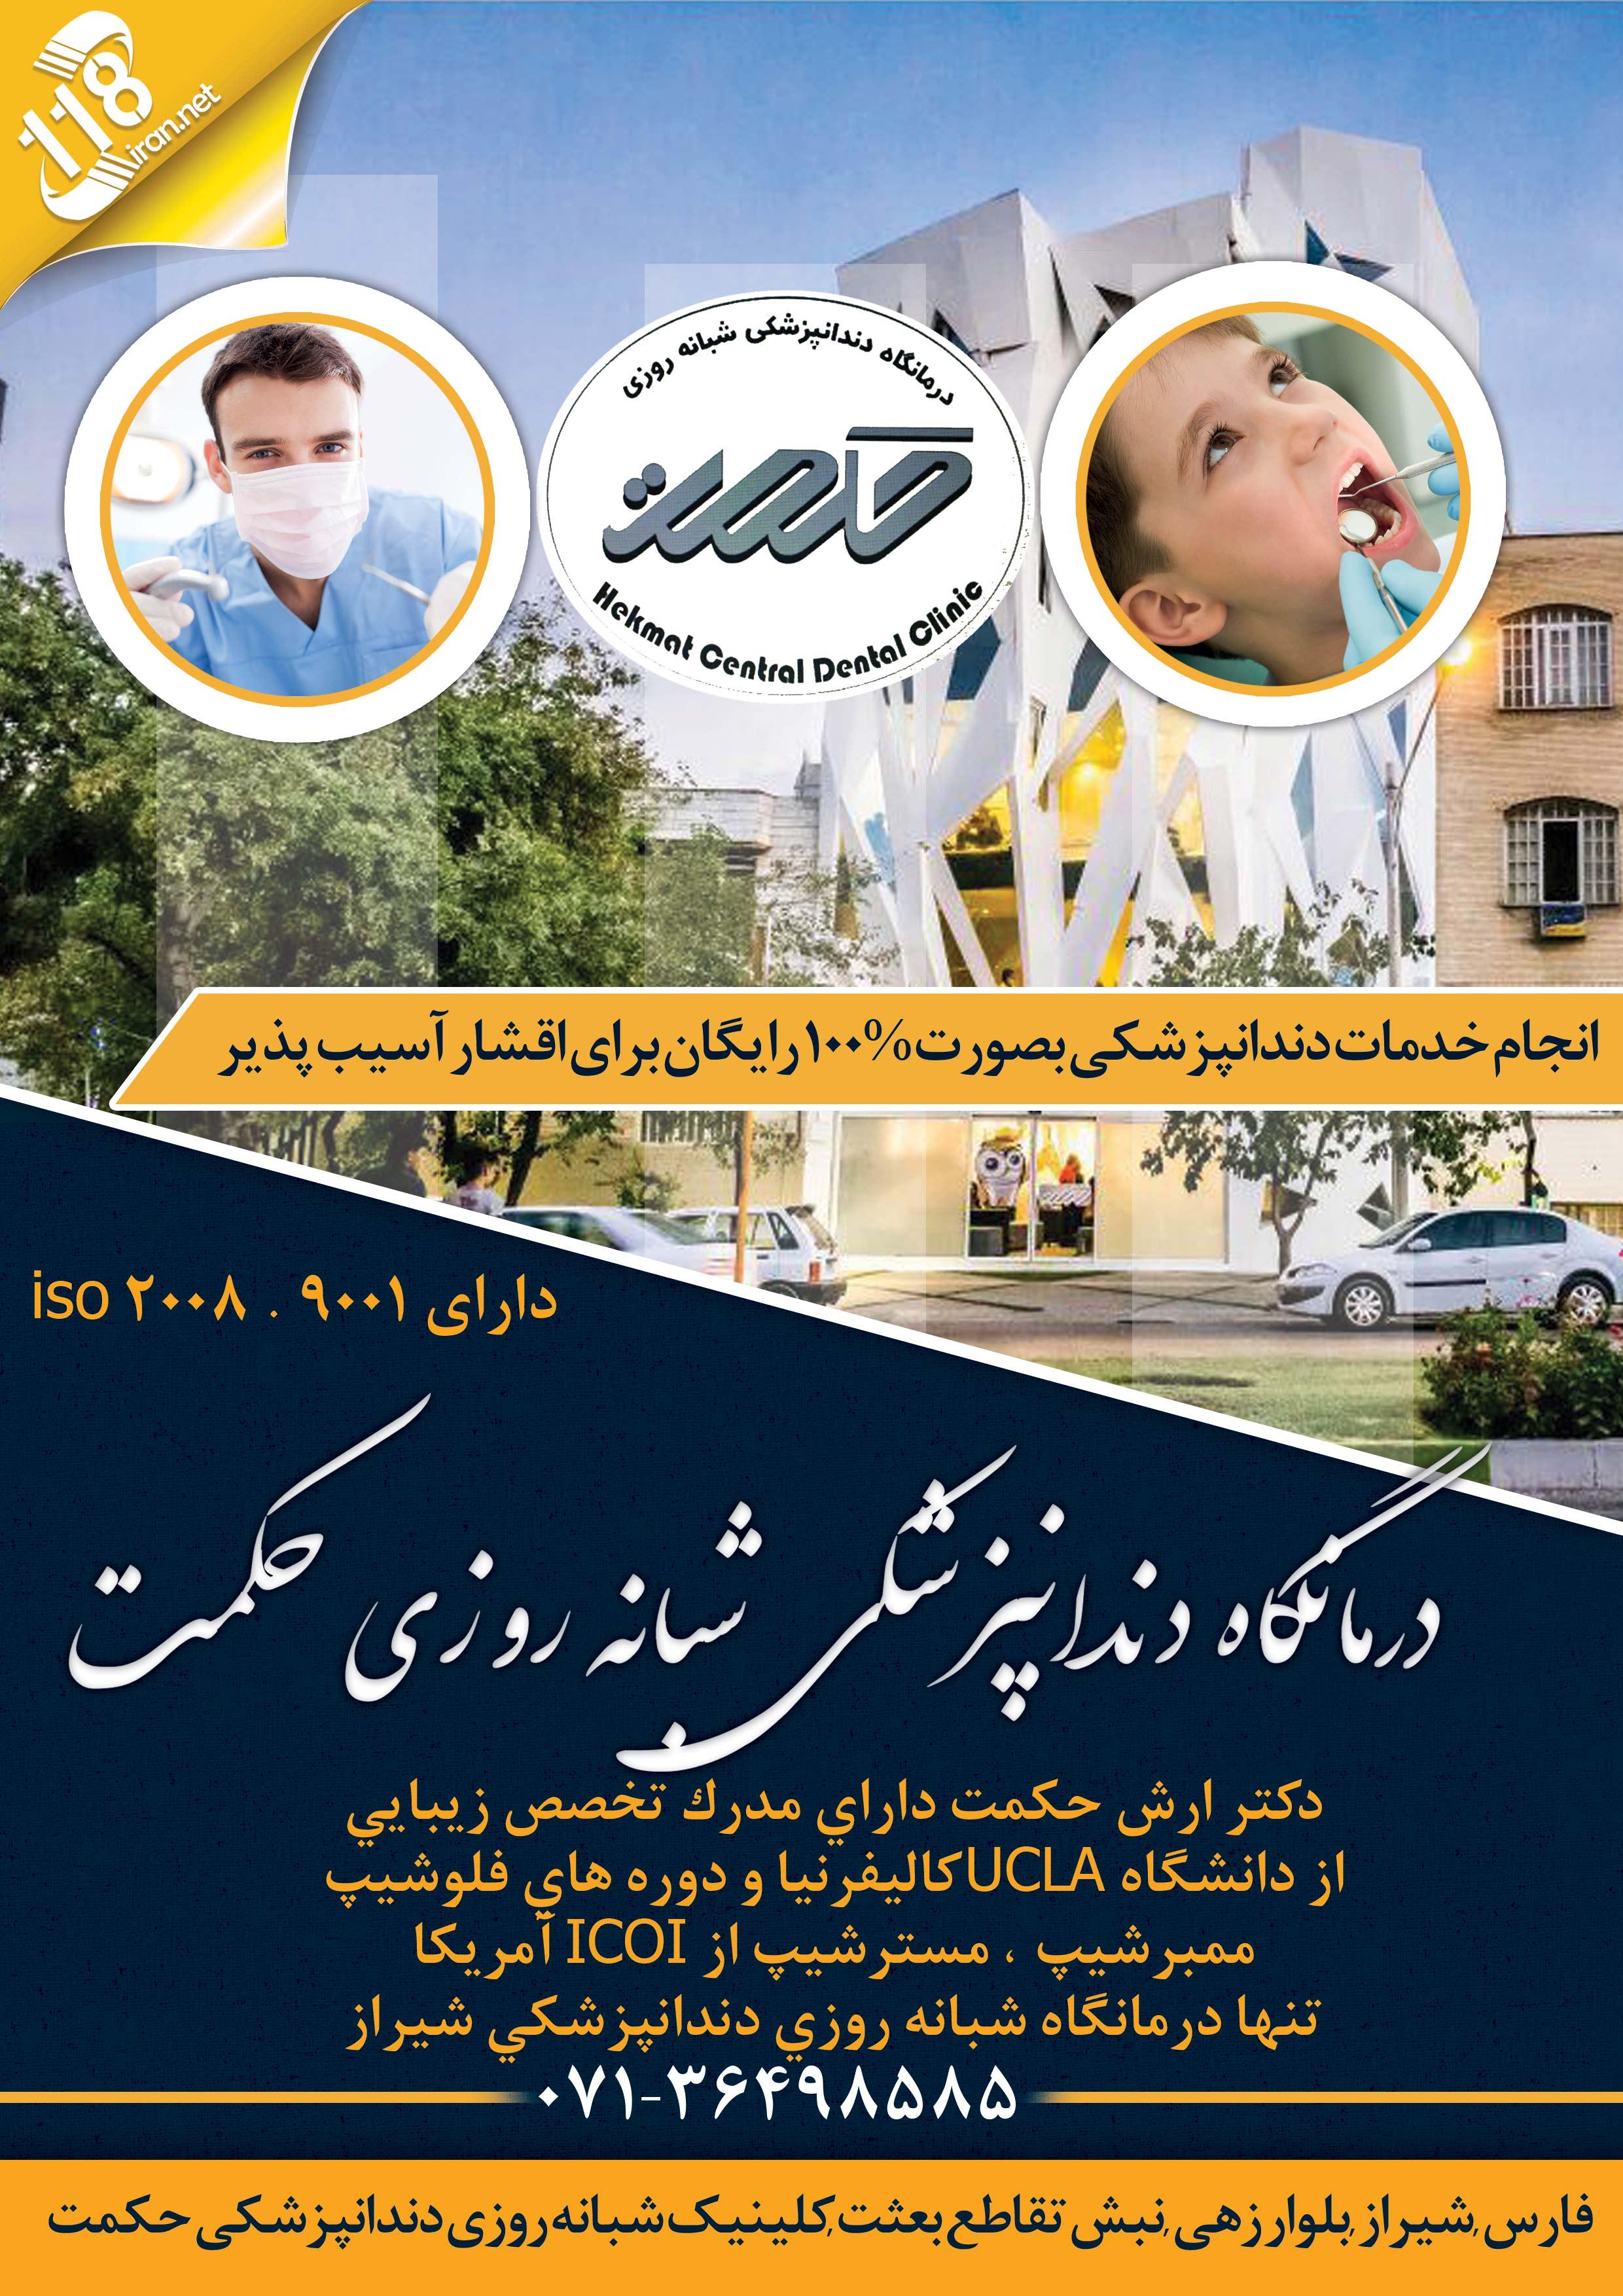 درمانگاه دندانپزشکی شبانه روزی حکمت در شیراز